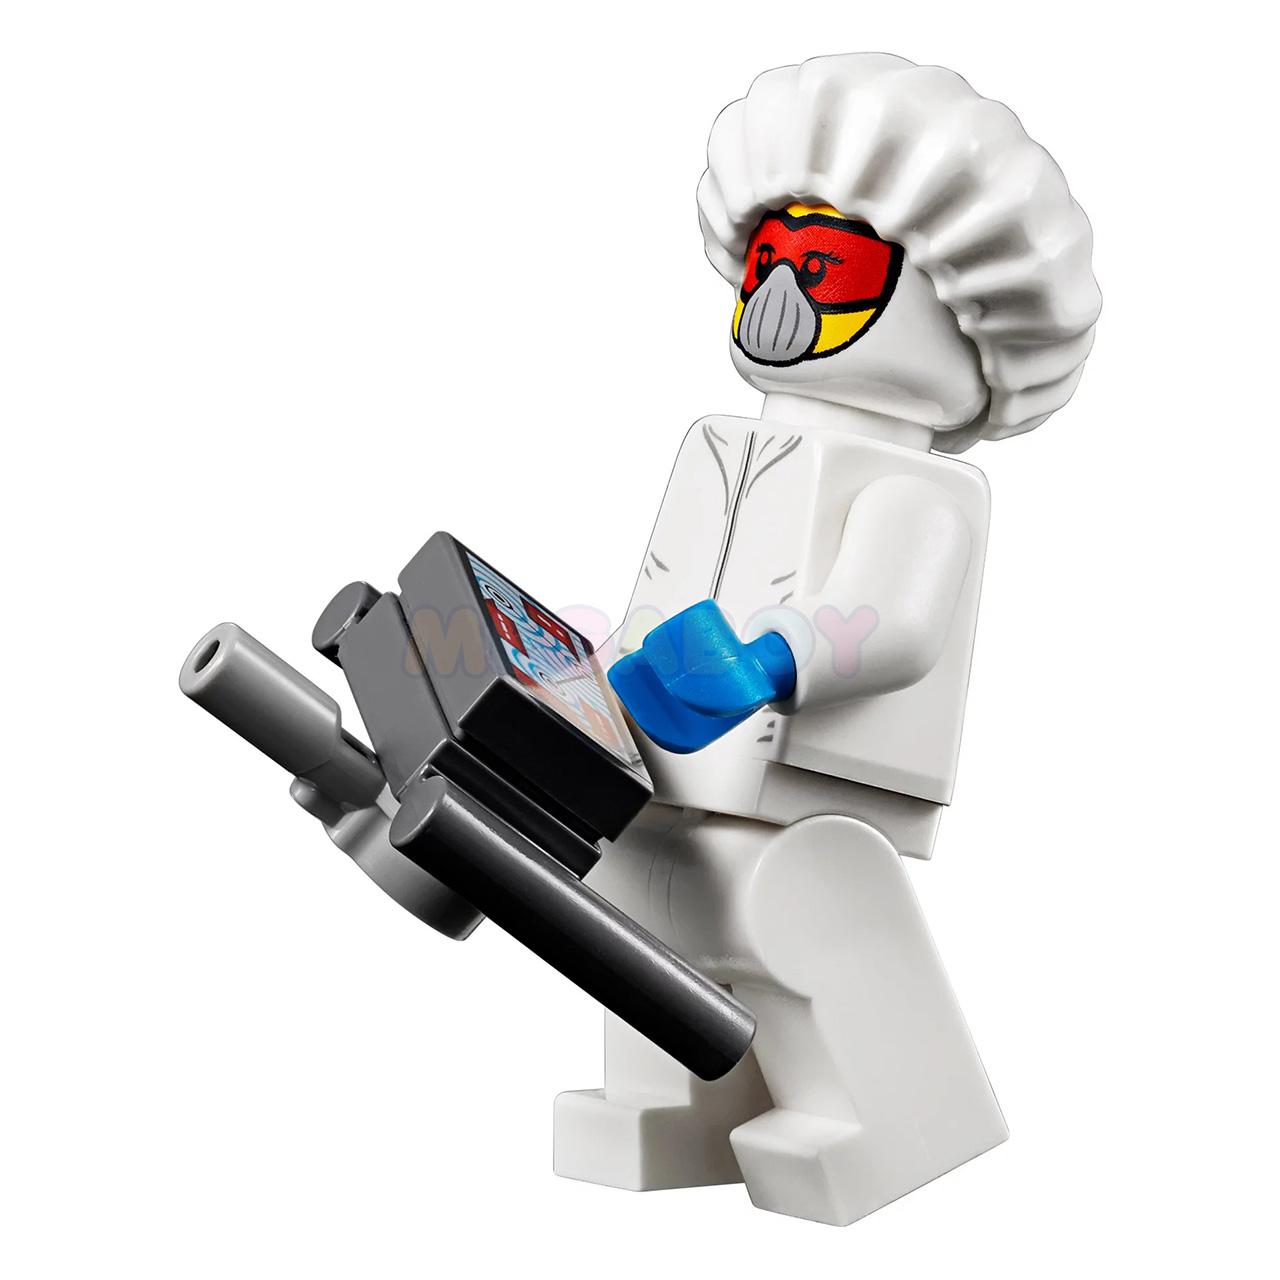 Где купить минифигурки лего